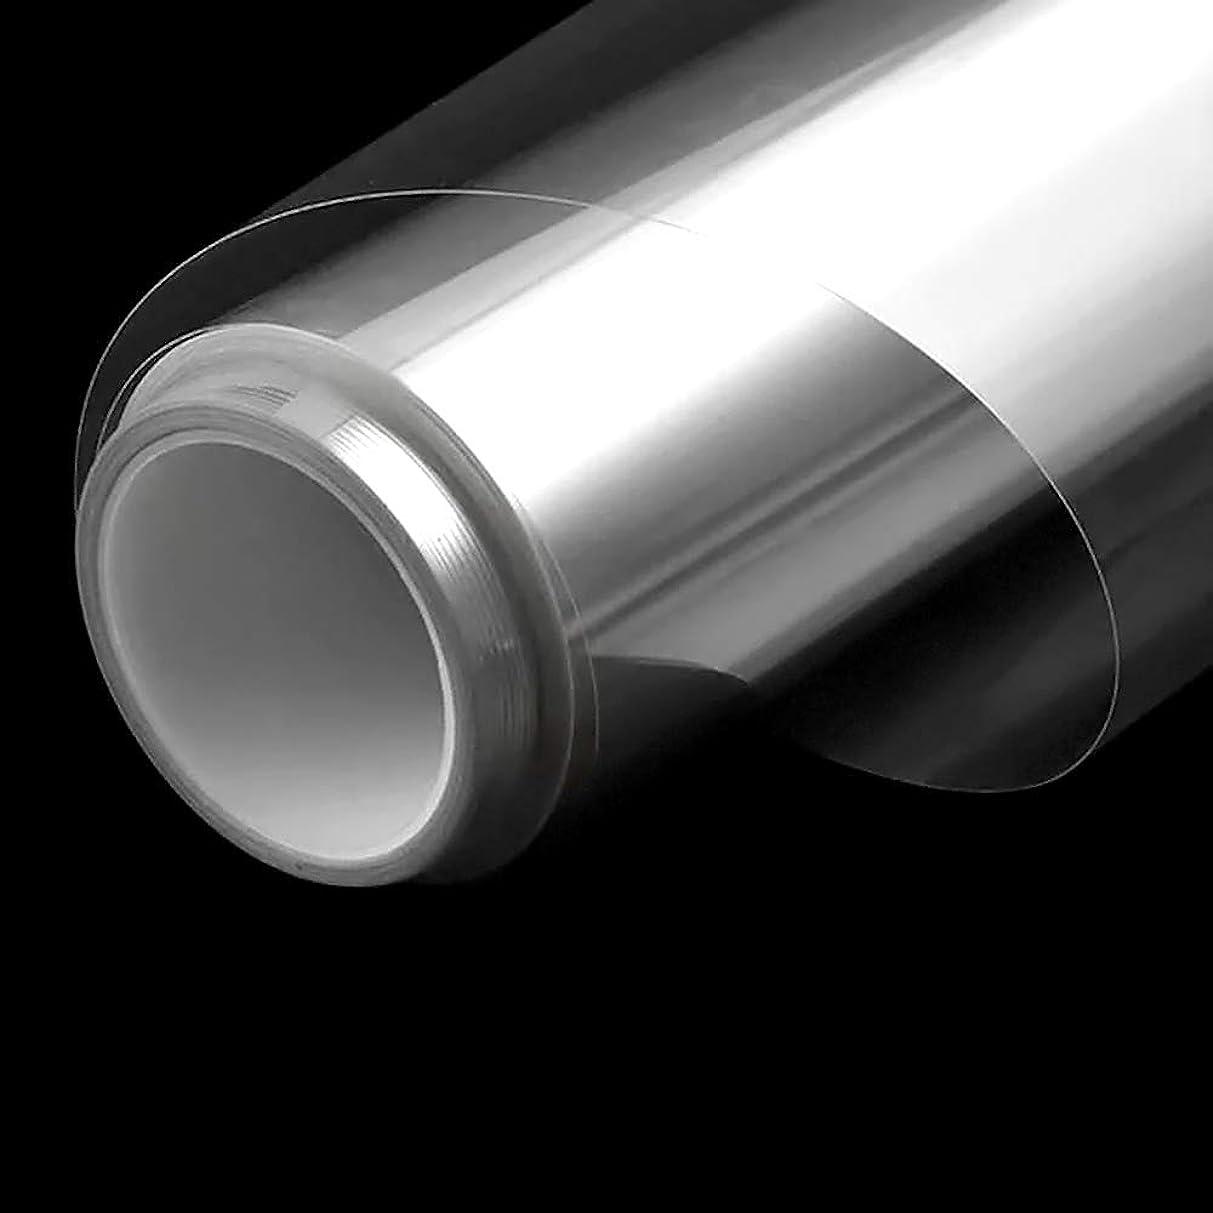 傾斜柔和助言窓ガラスフィルム 透明 建築建物ガラスフィルム 厚さ0.05mm 可視光透過96% カット飛散防止フィルム 防災 地震 防災フィルム 窓 安全フィルム(90cm X20m)